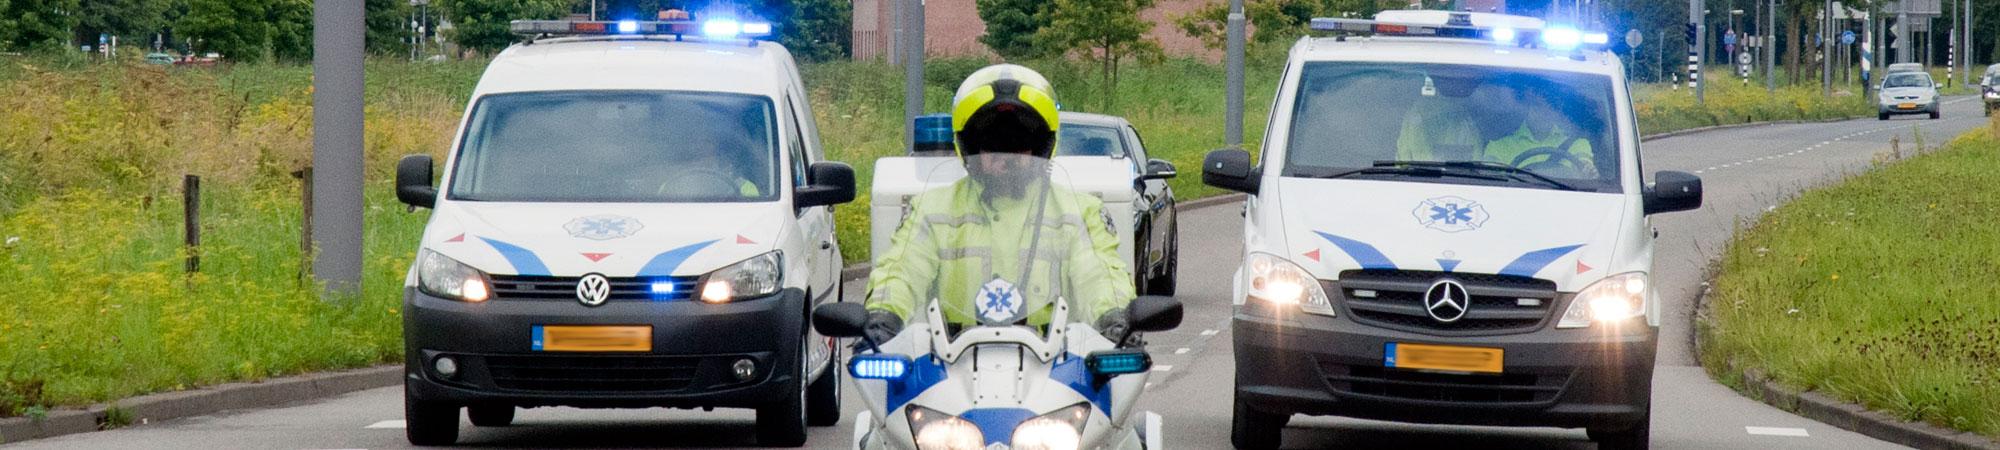 Medisch spoedtransport van ADR, organen, bloed en meer met 24-uursservice in heel Nederland van Medical Emergency Transport.